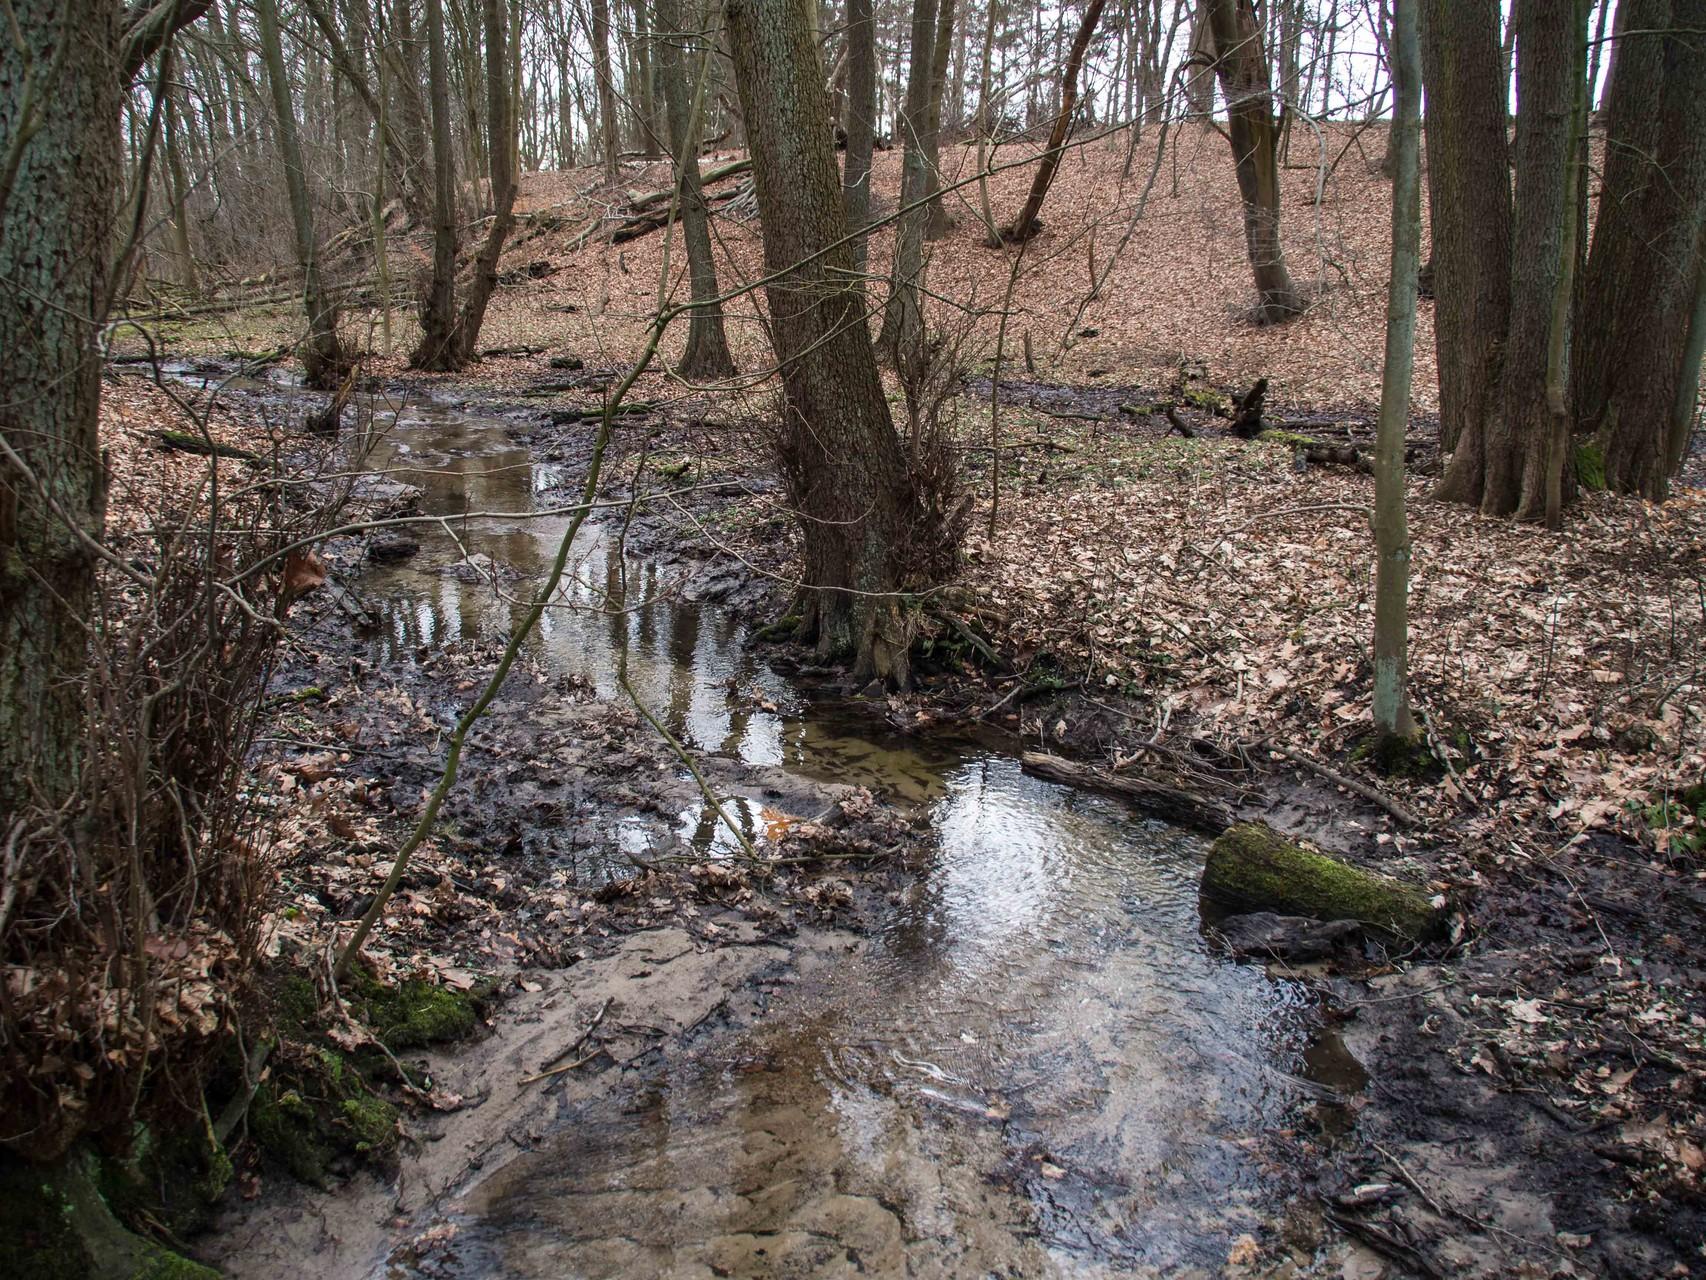 Bild: Spiegelung im Flusswasser